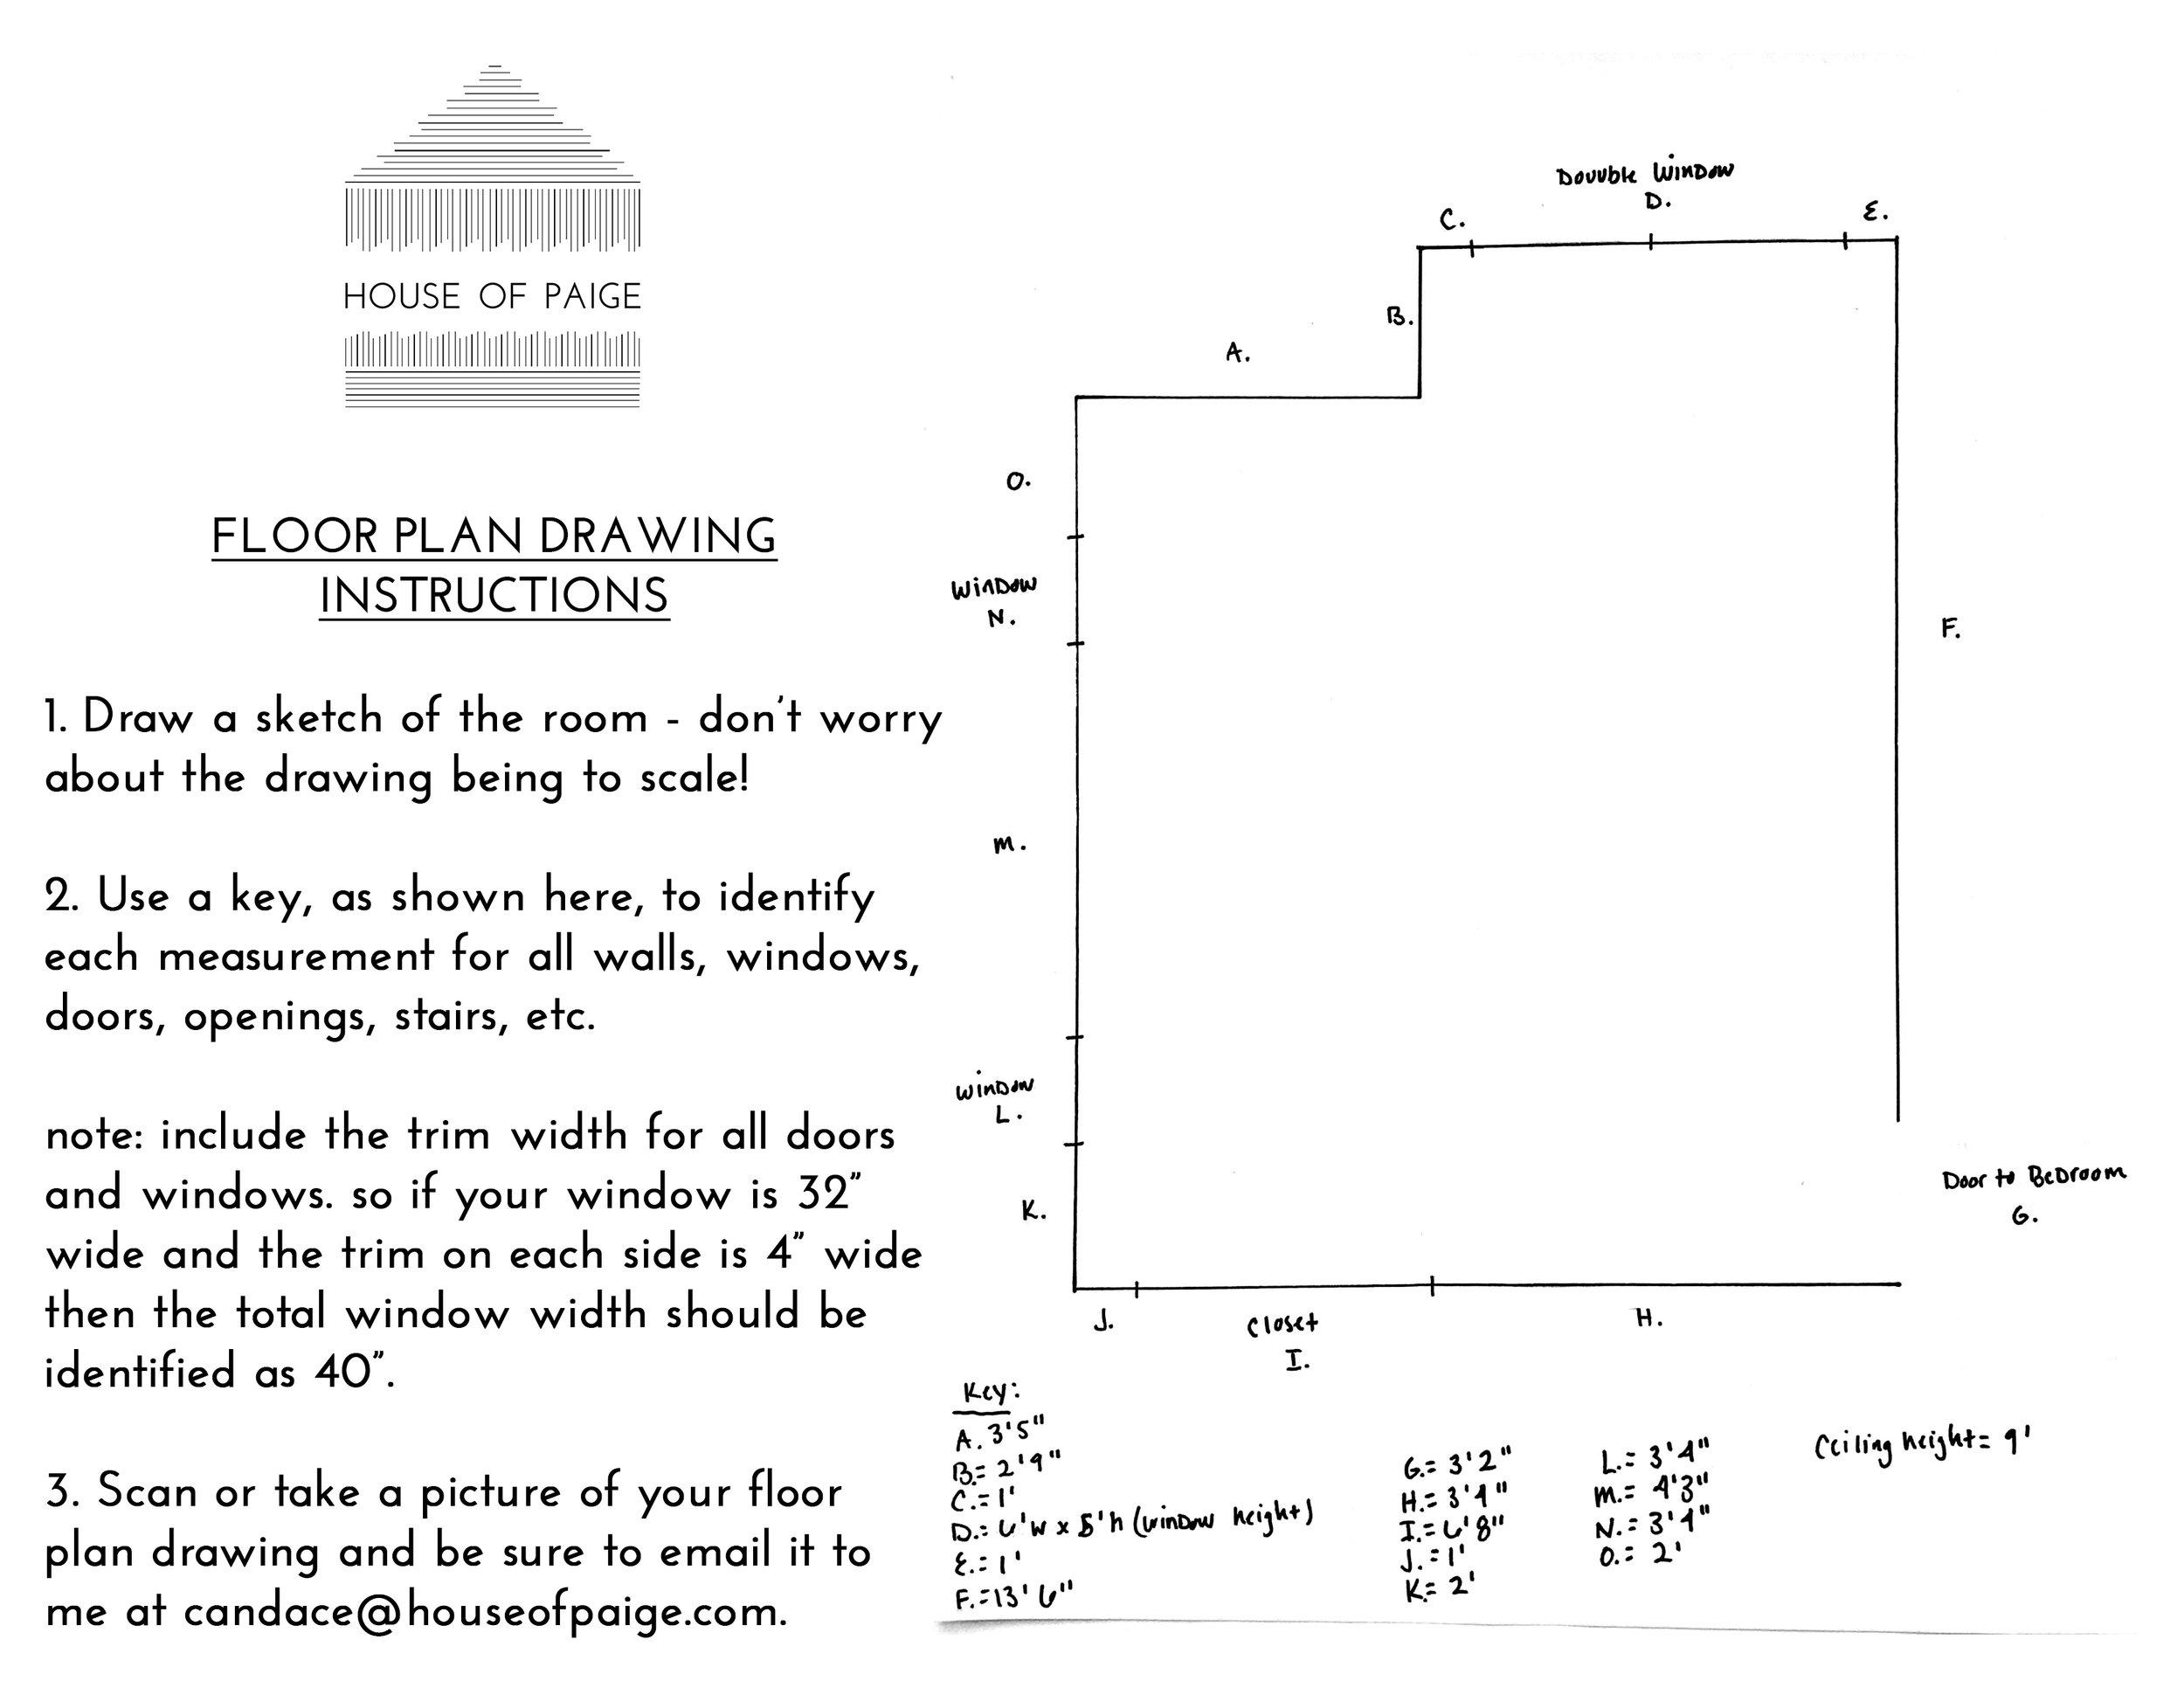 FLOOR PLAN DRAWING INSTRUCTIONS.jpg